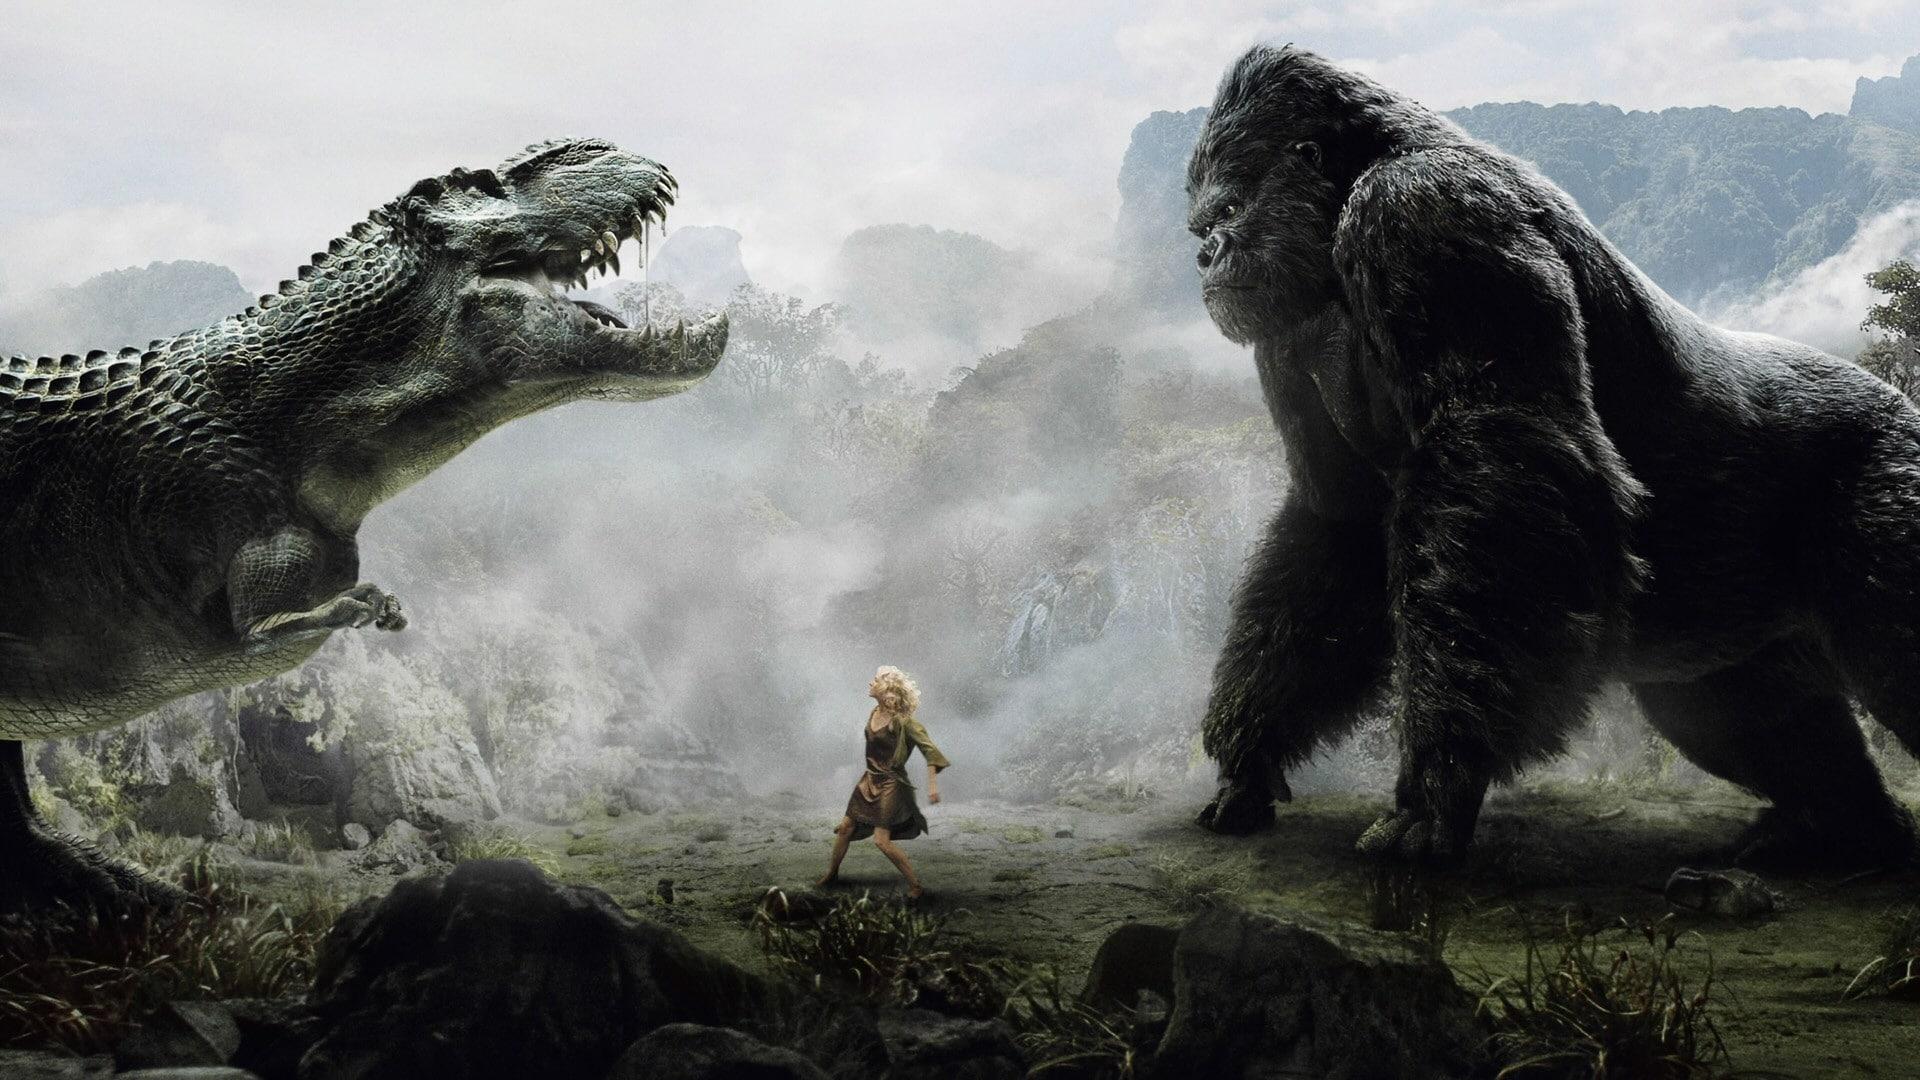 T-Rex Versus King Kong